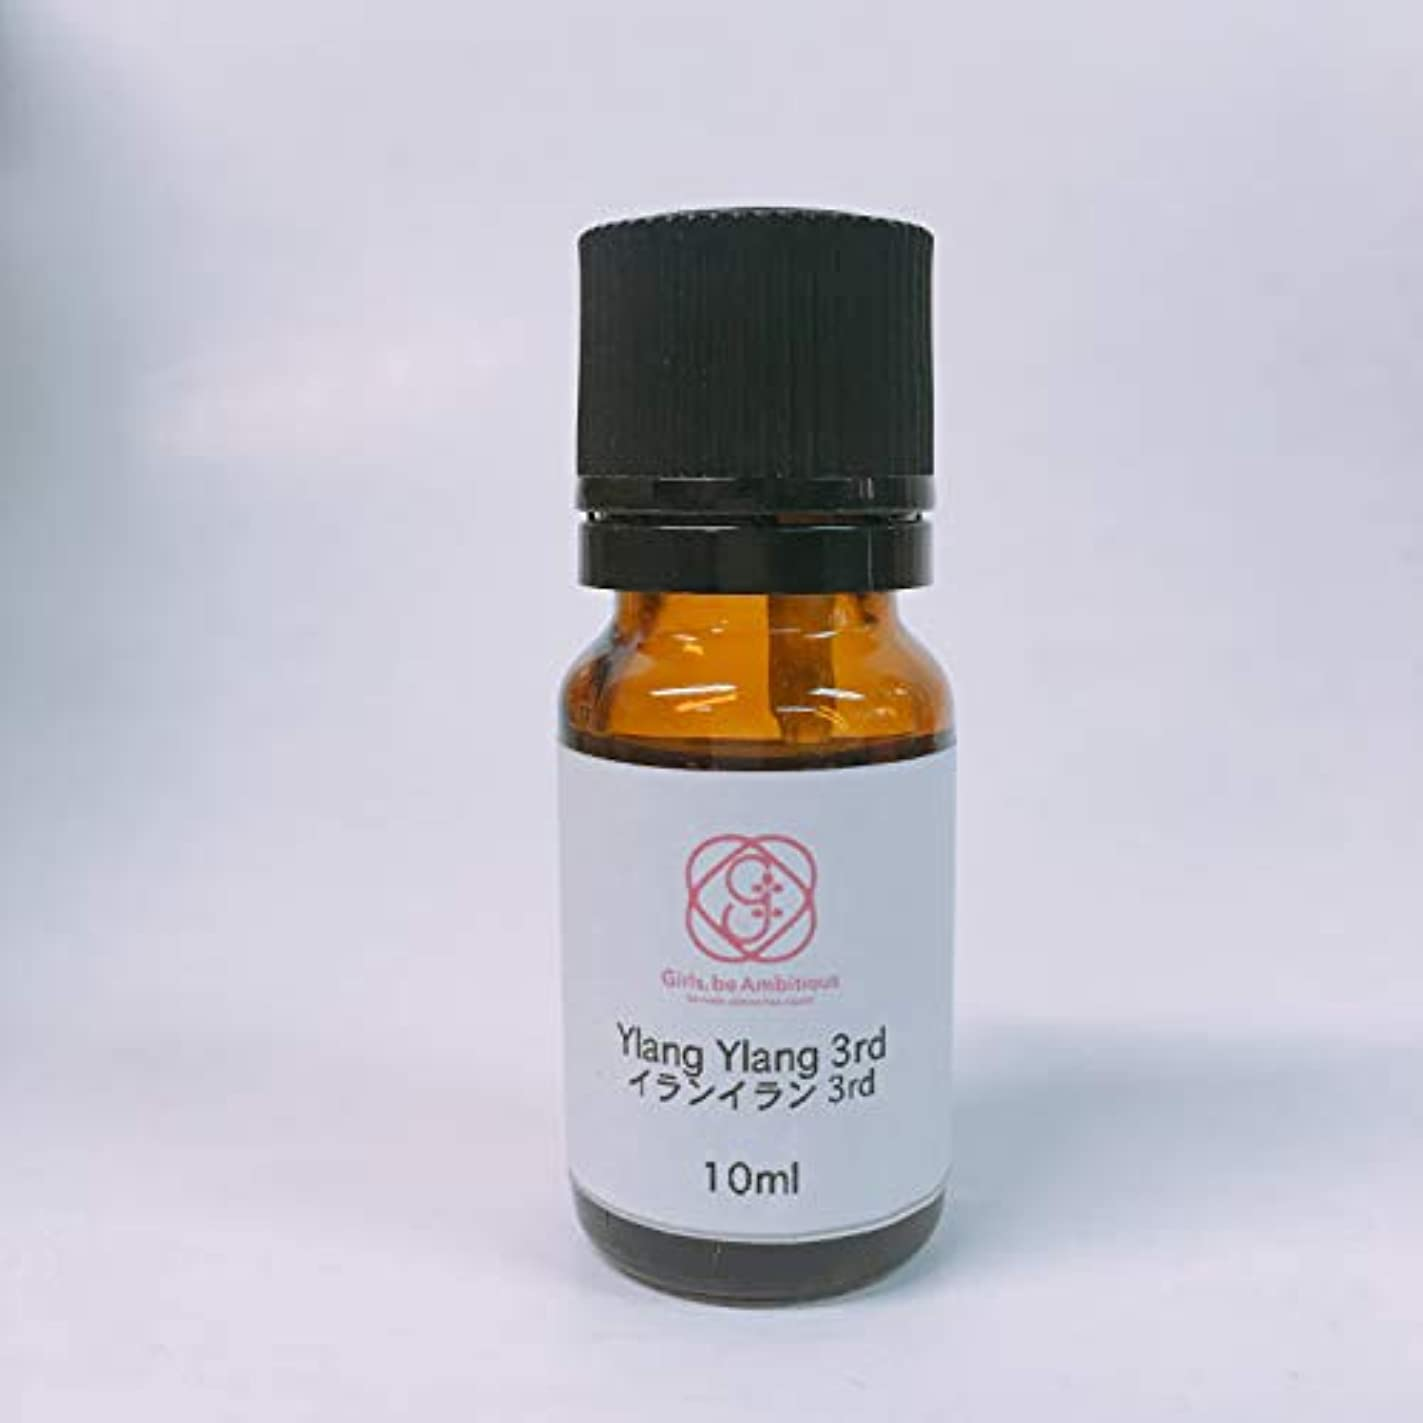 不確実粘着性ピンポイントイランイラン(Ylang Ylang)3rd 10ml